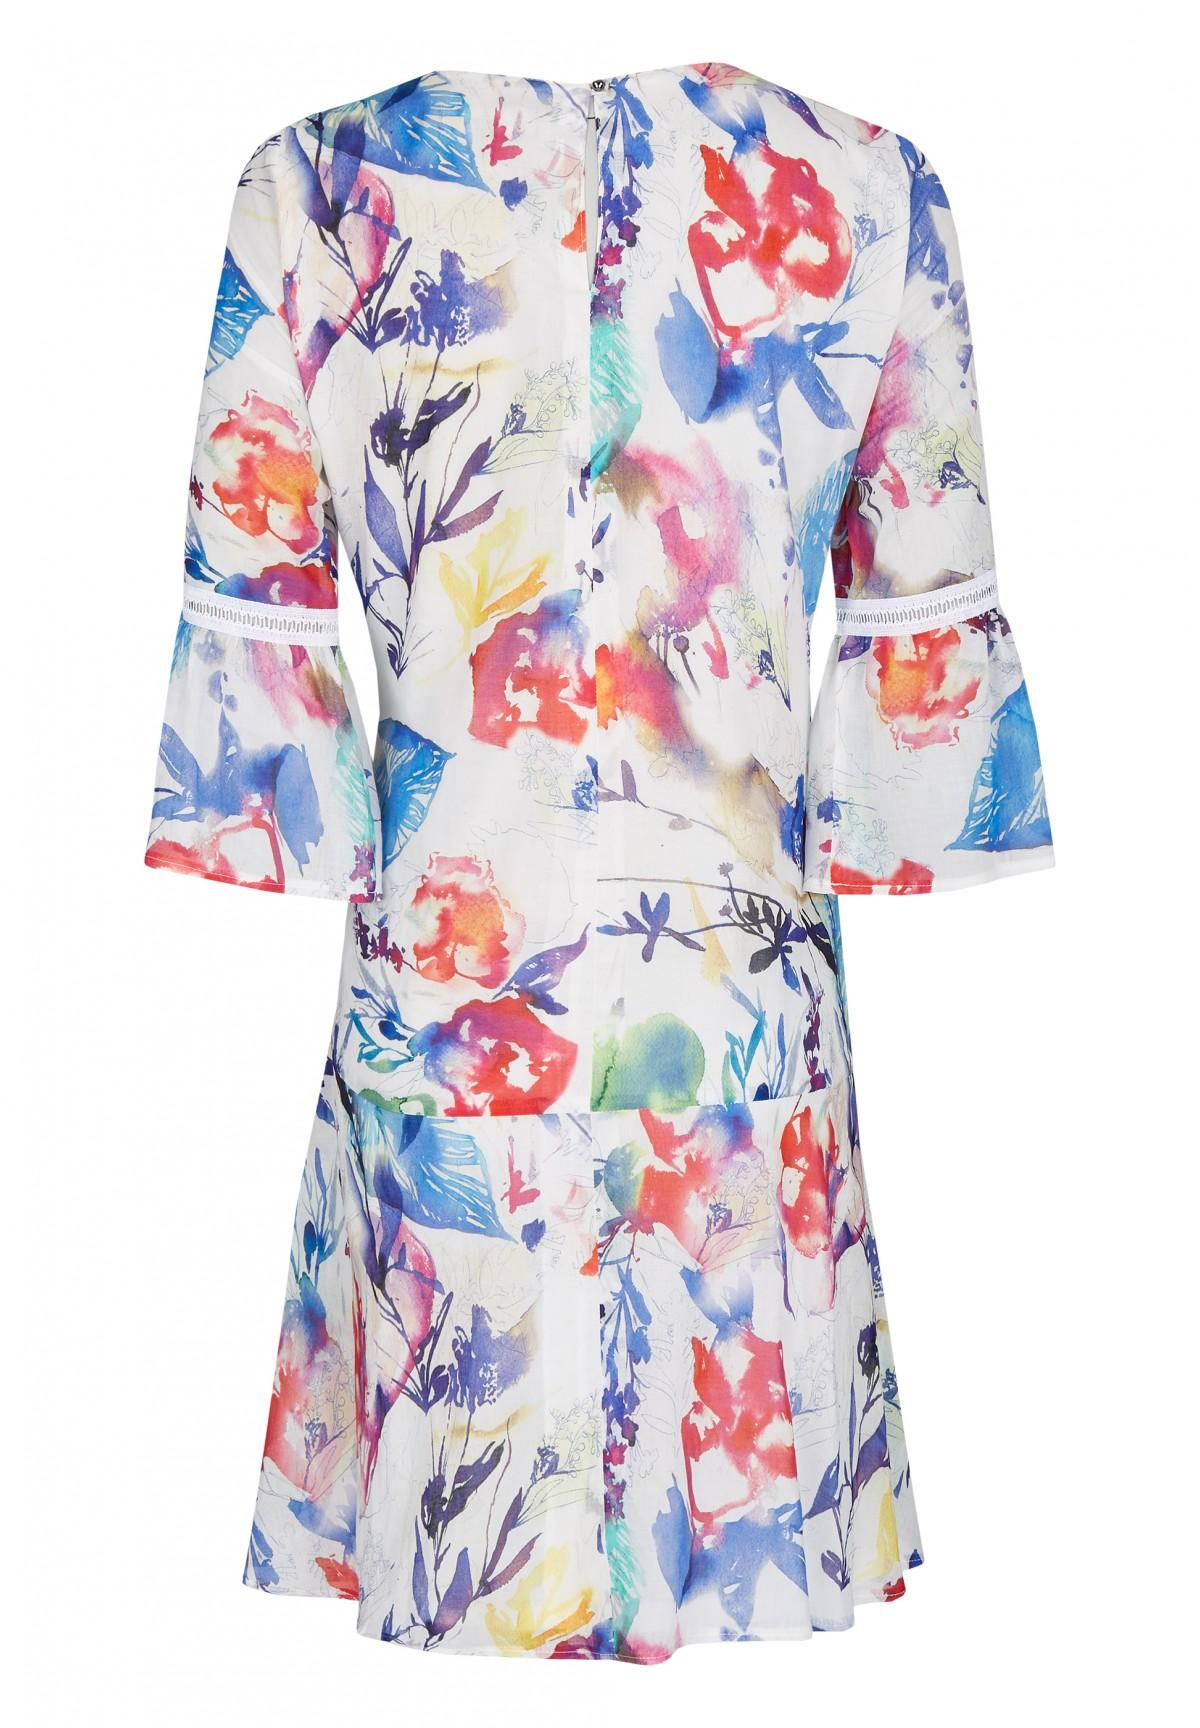 Sommerliches Kleid / Dress